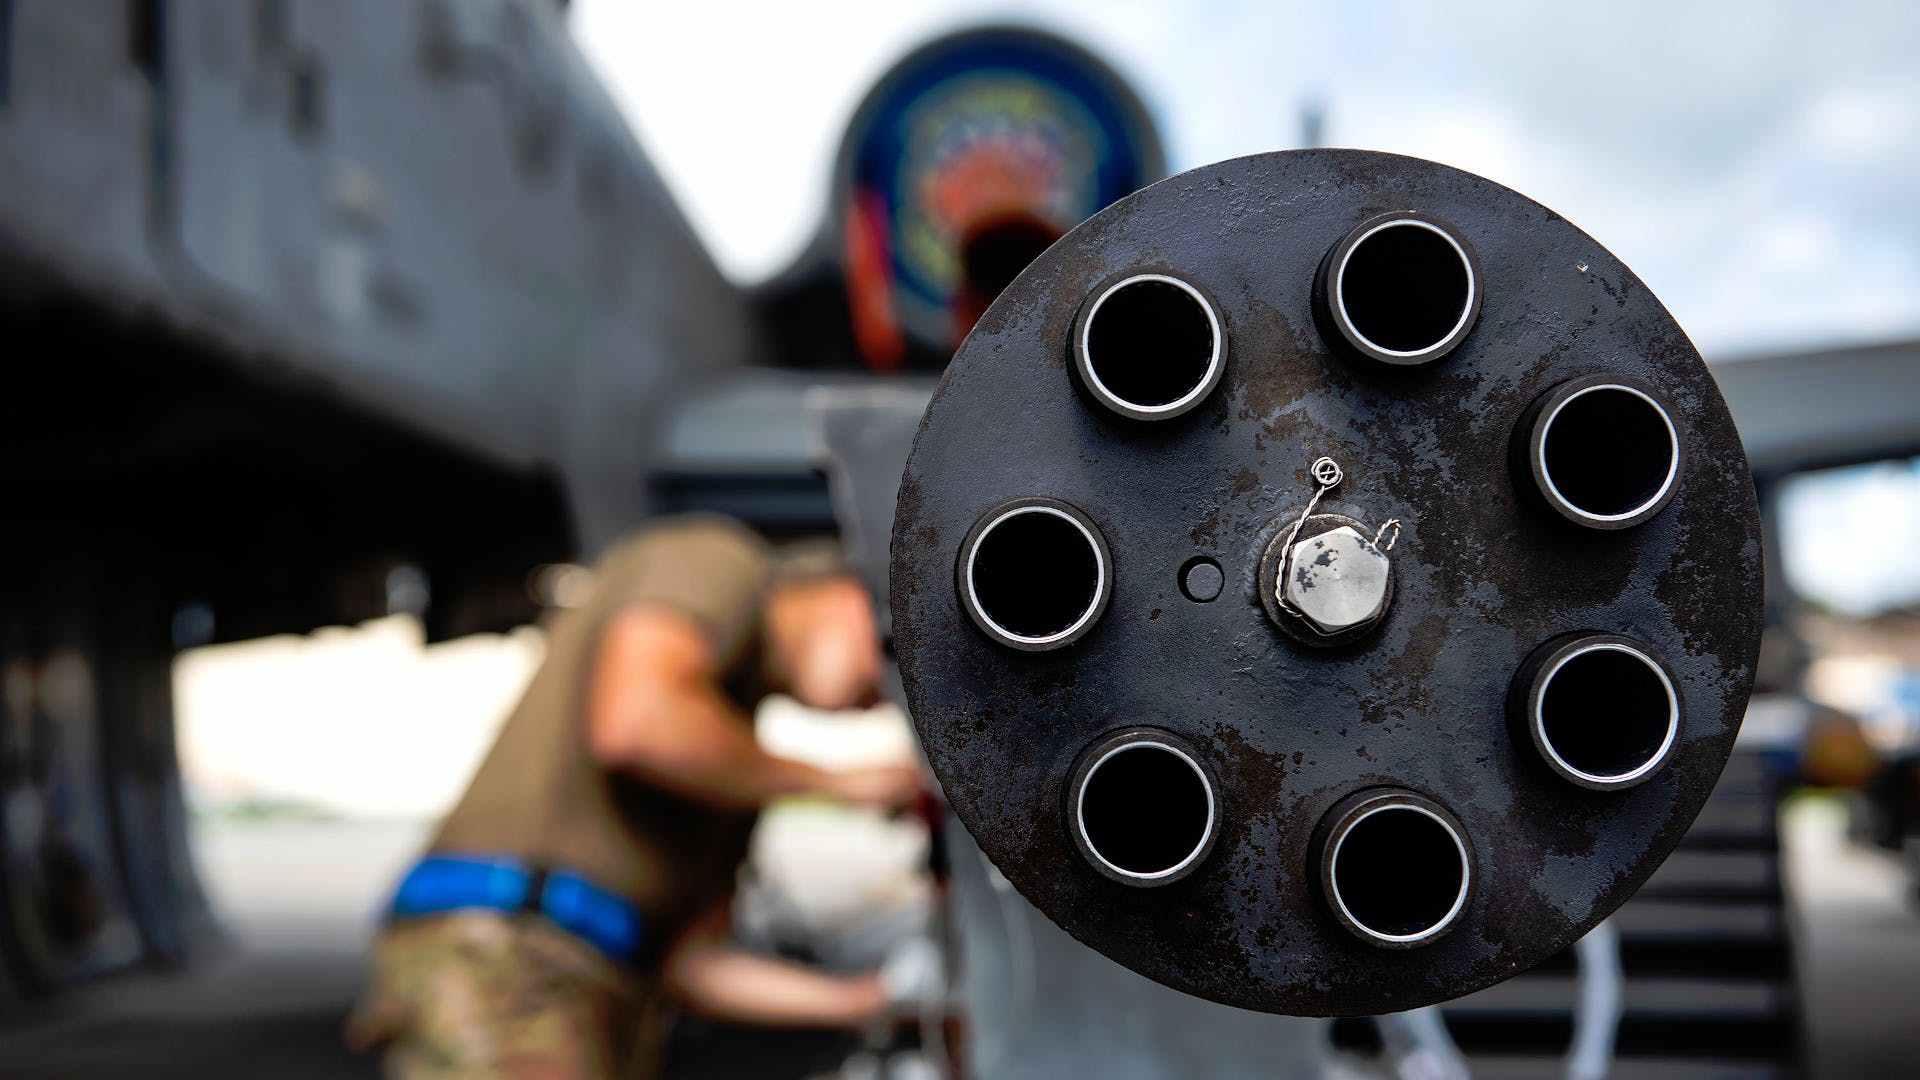 3500万枚贫铀弹即将销毁,美军要自废武功?俄:这是最后机会